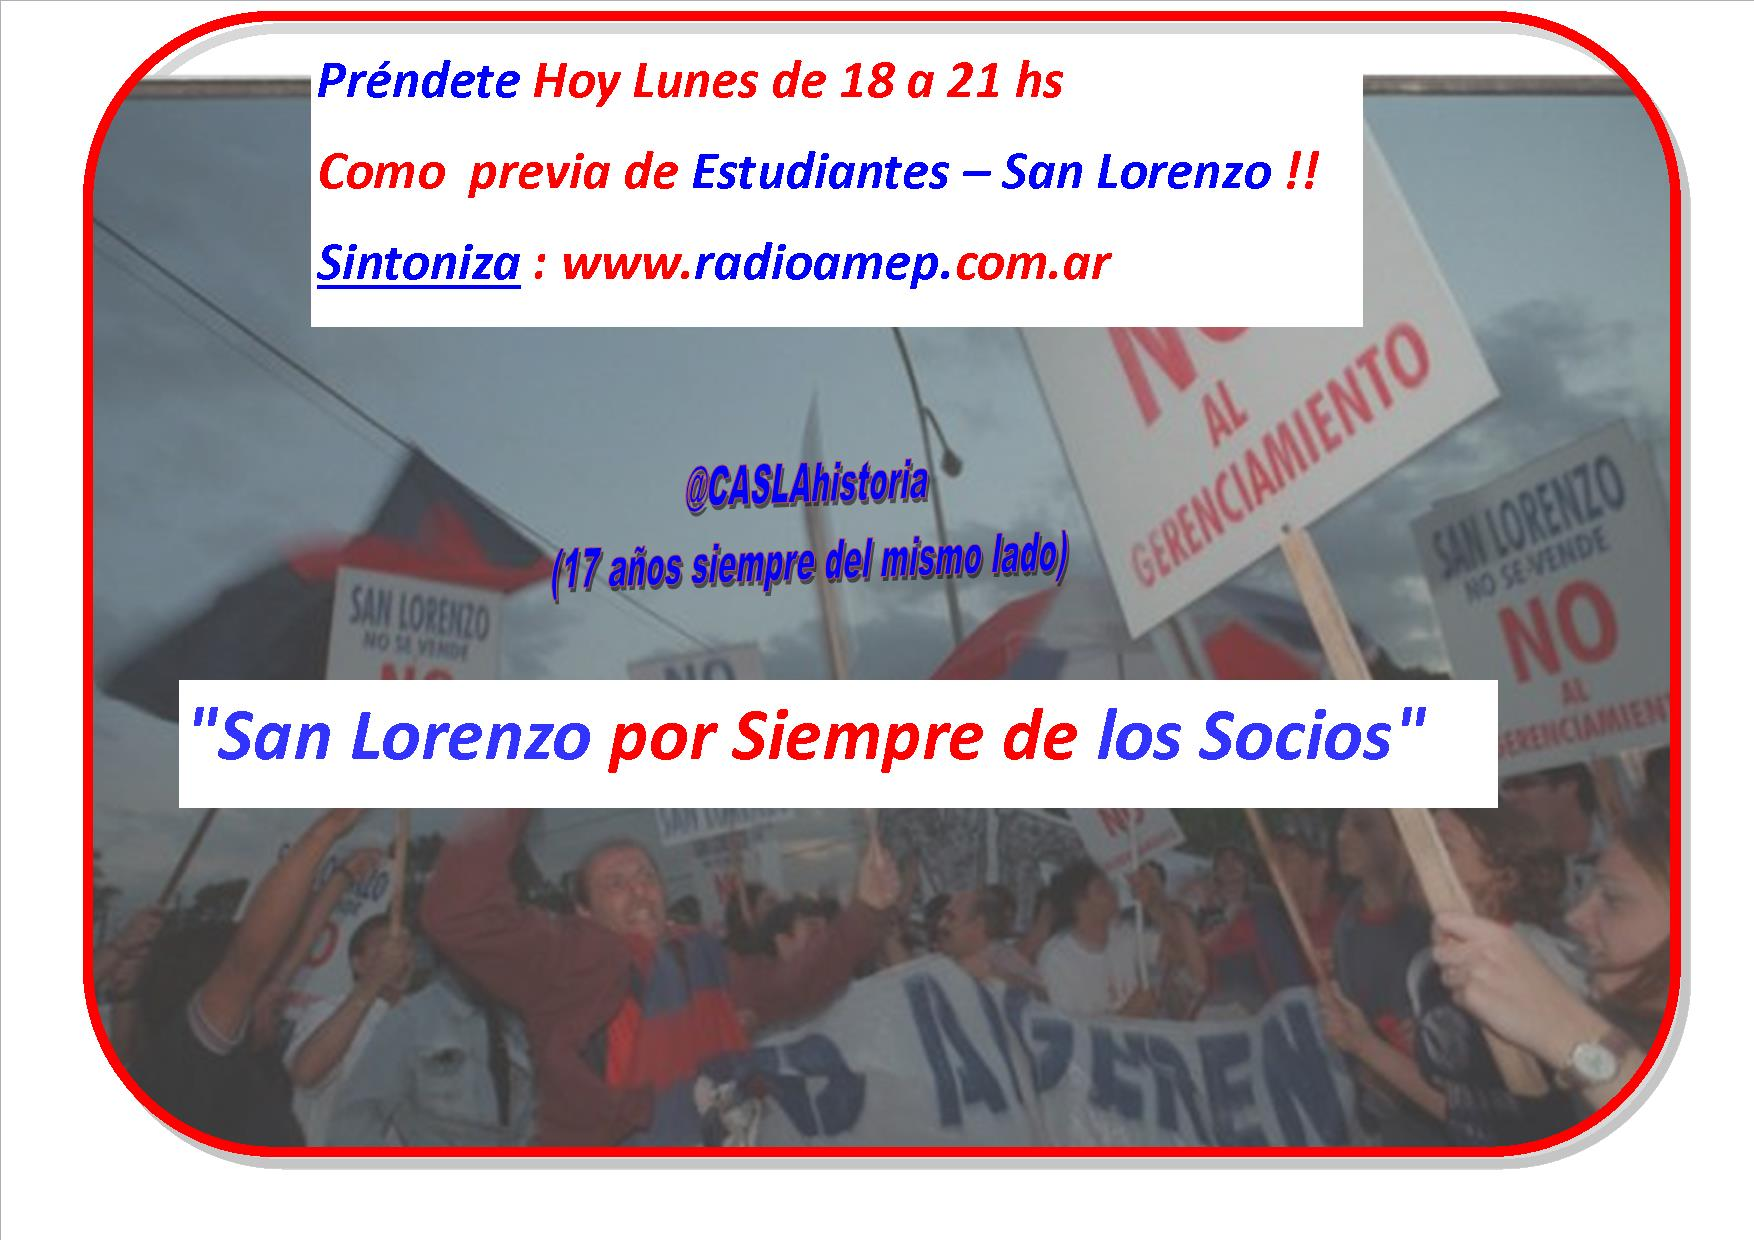 Hoy de 18 a 21 hs  por Radio Amep!!!! «San Lorenzo por Siempre de los Socios»